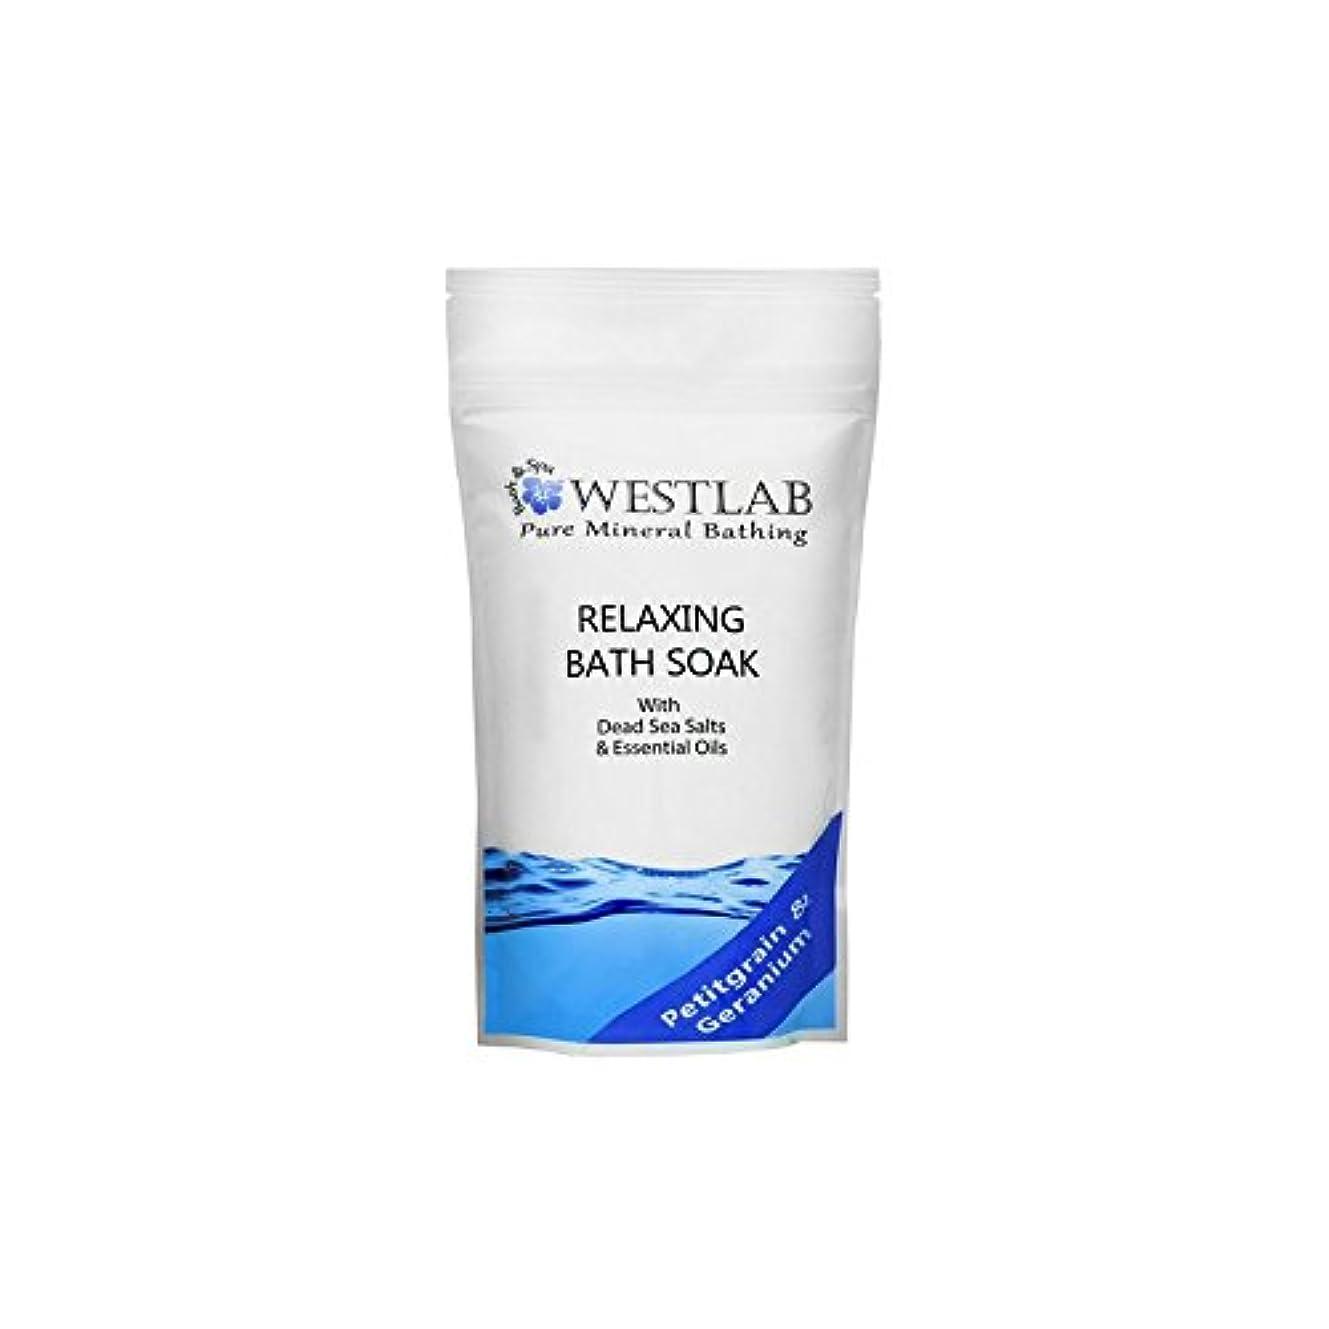 Westlab Relax Dead Sea Salt Bath Soak (500g) - 死海の塩浴浸漬(500グラム)をリラックス [並行輸入品]